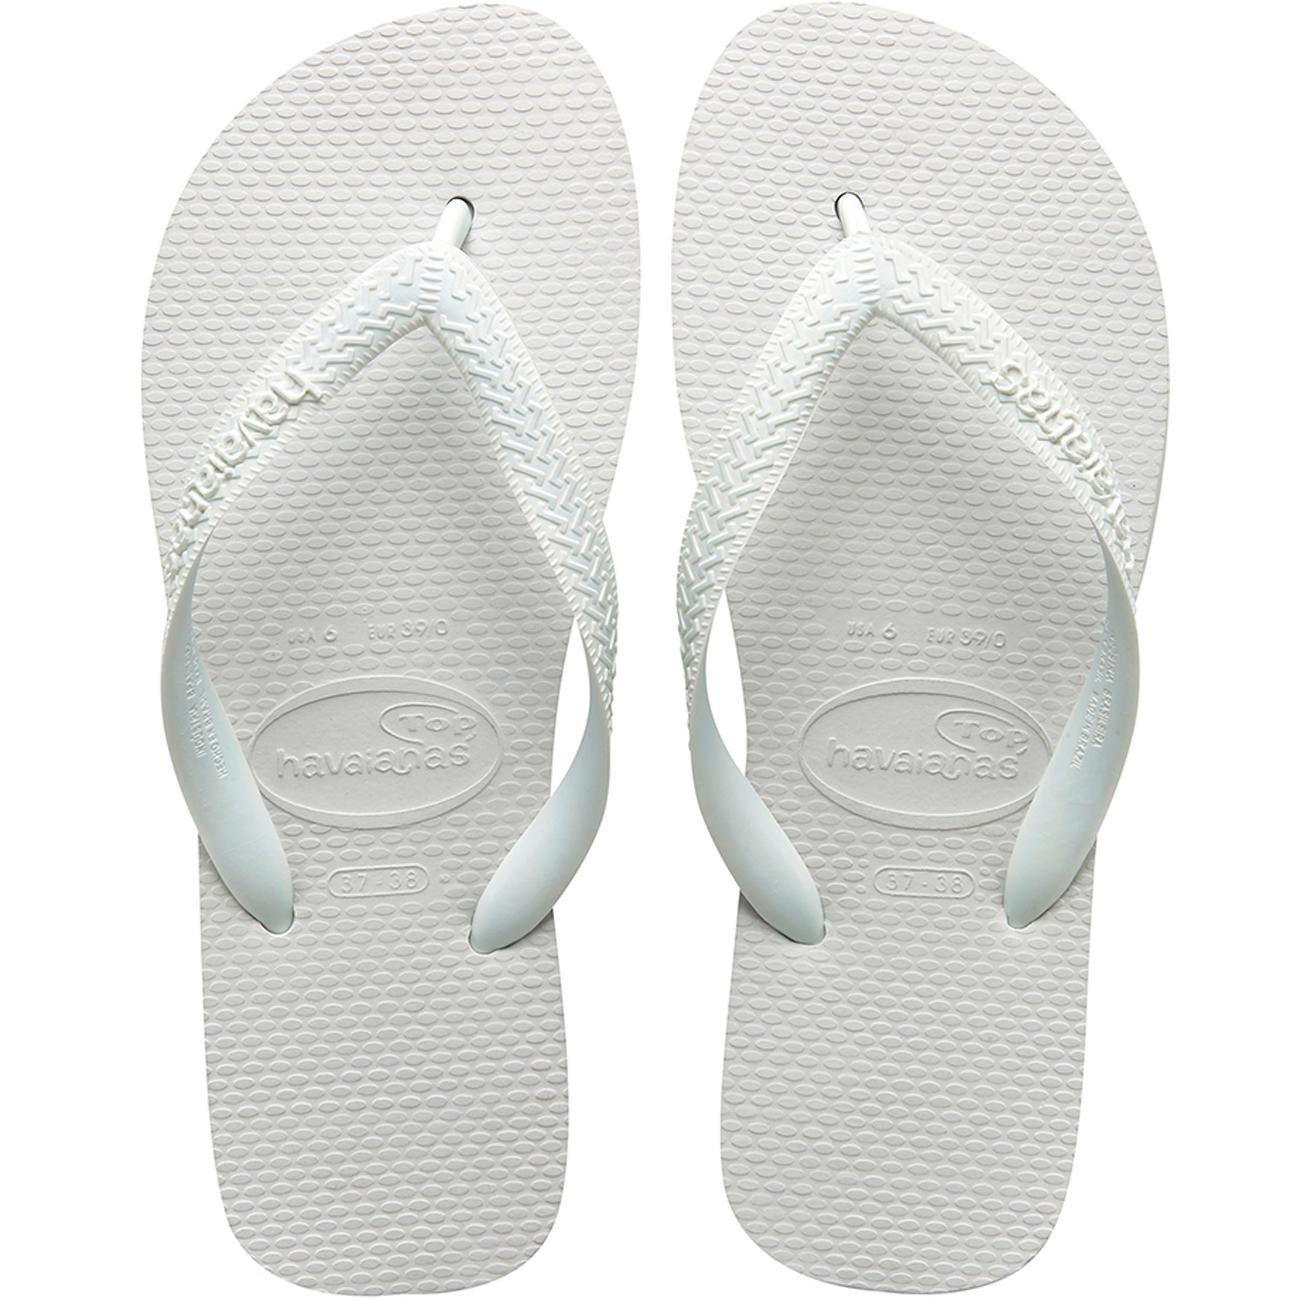 Sandalia Havaianas Top Branco 41/2